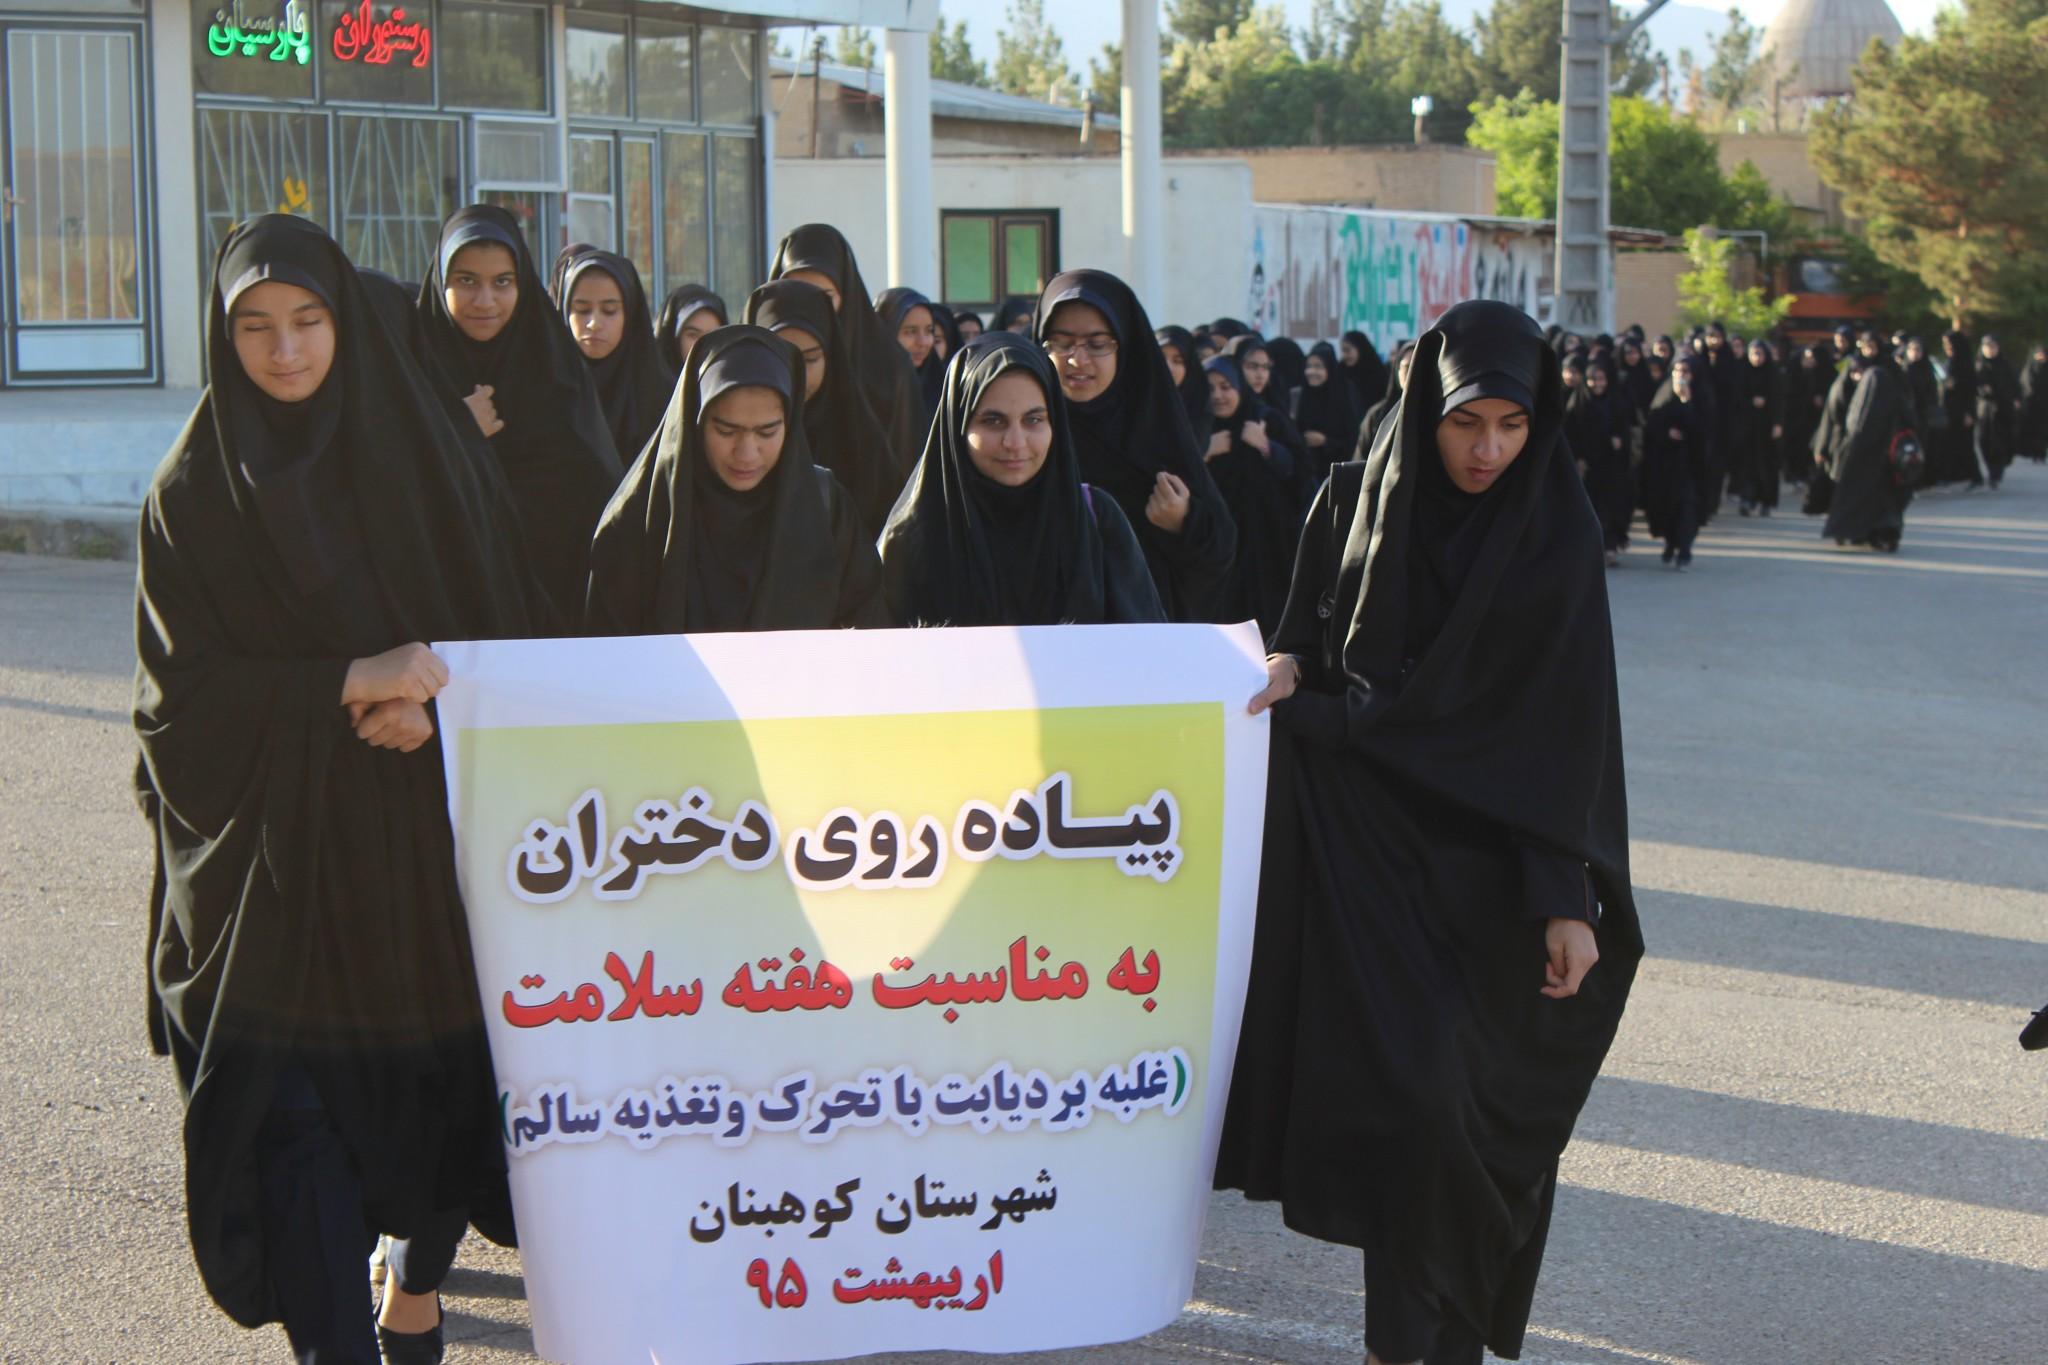 پیاده روی دختران جوان به مناسبت هفته سلامت